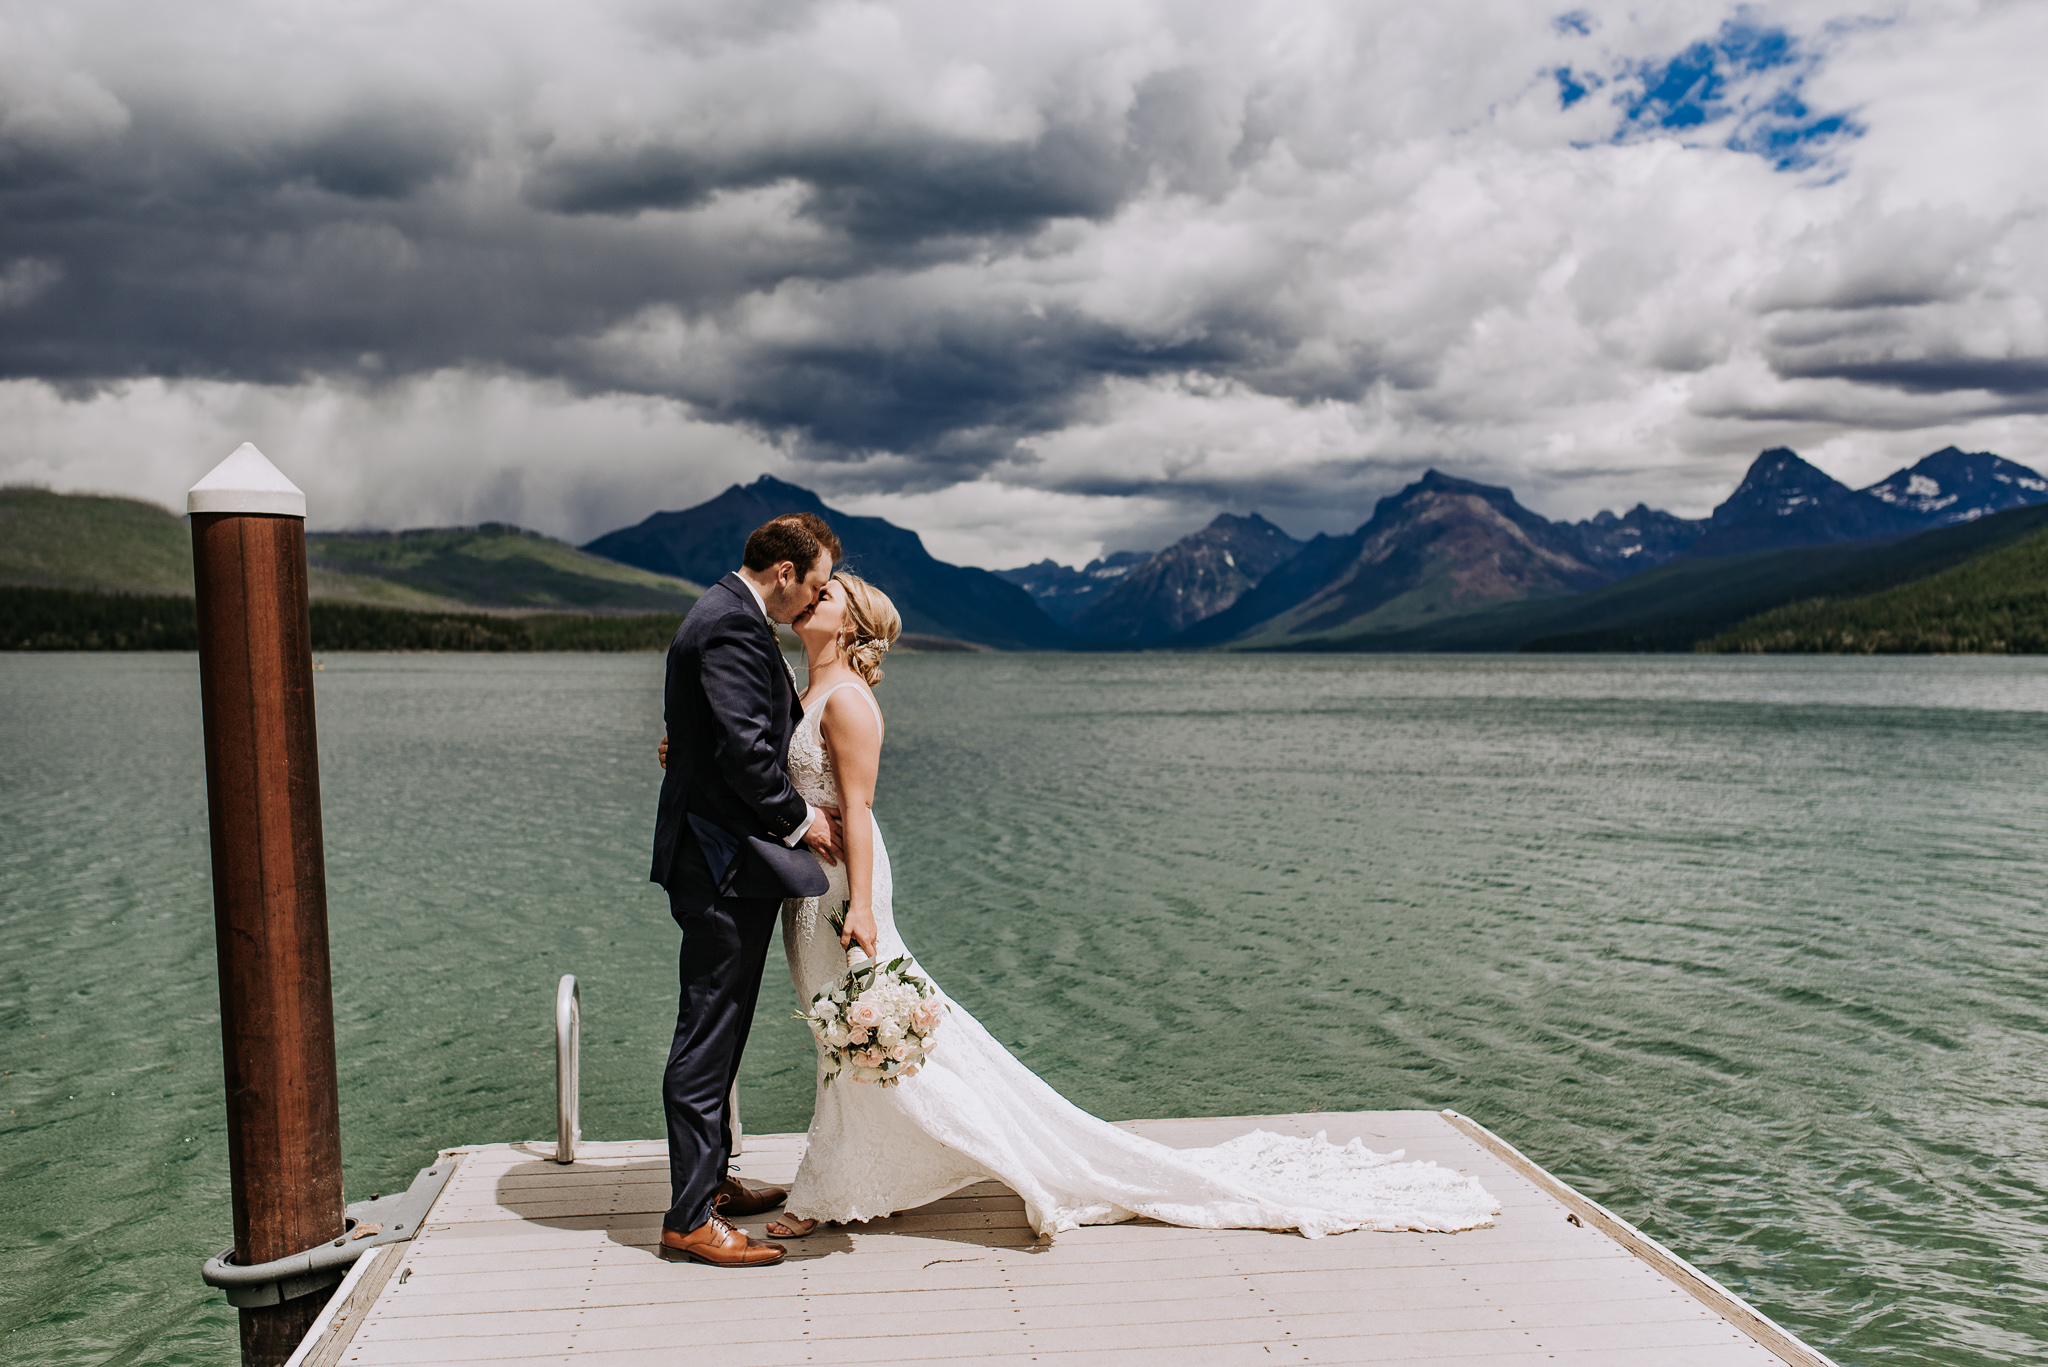 glacier-park-wedding-36.jpg